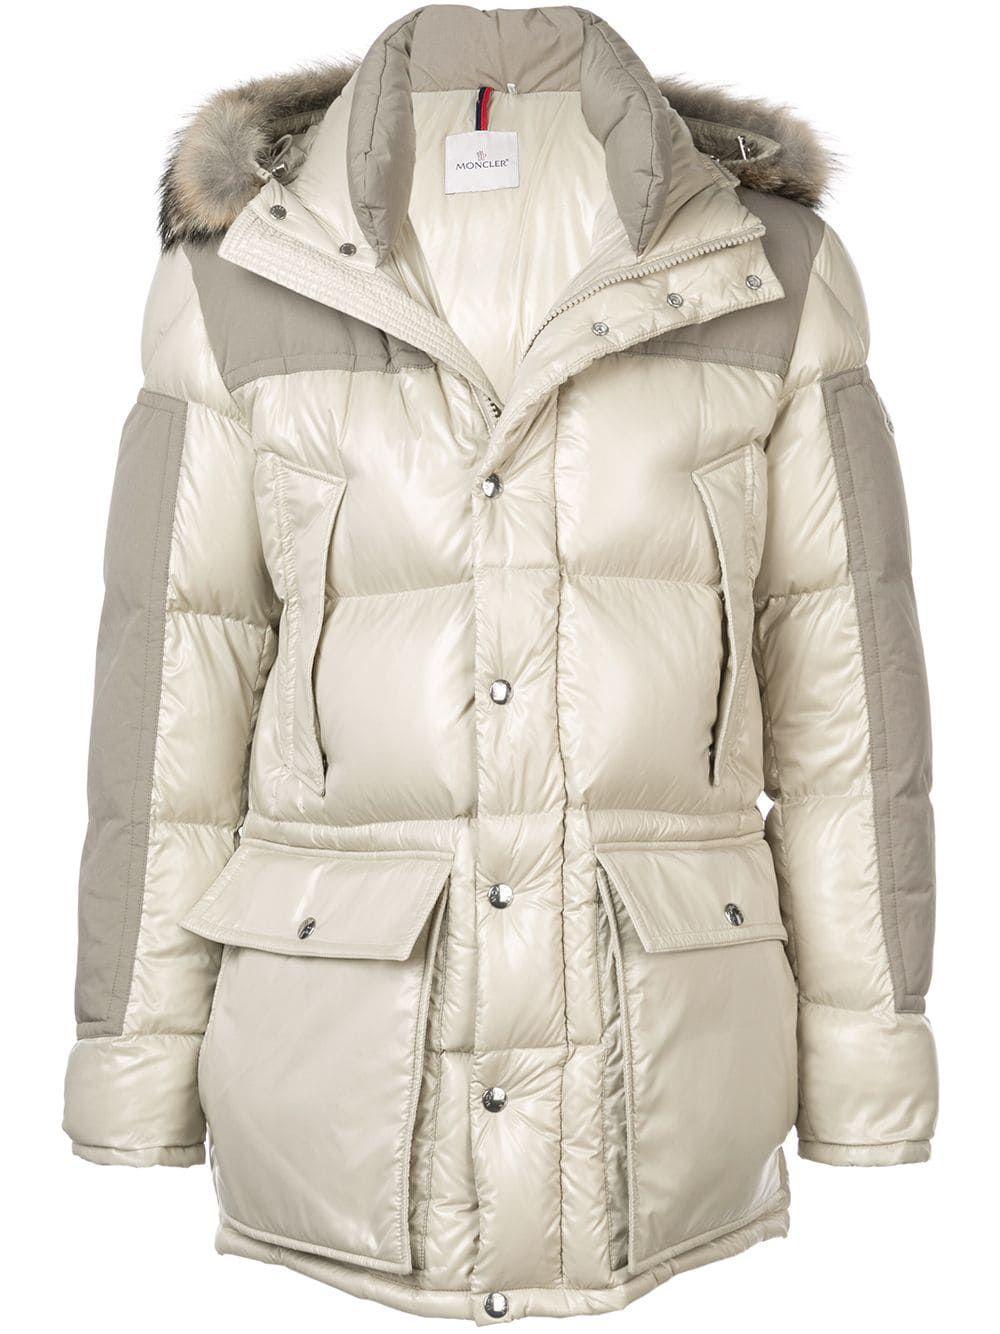 Moncler furtrimmed Down Jacket Jackets, Fur trim, Moncler